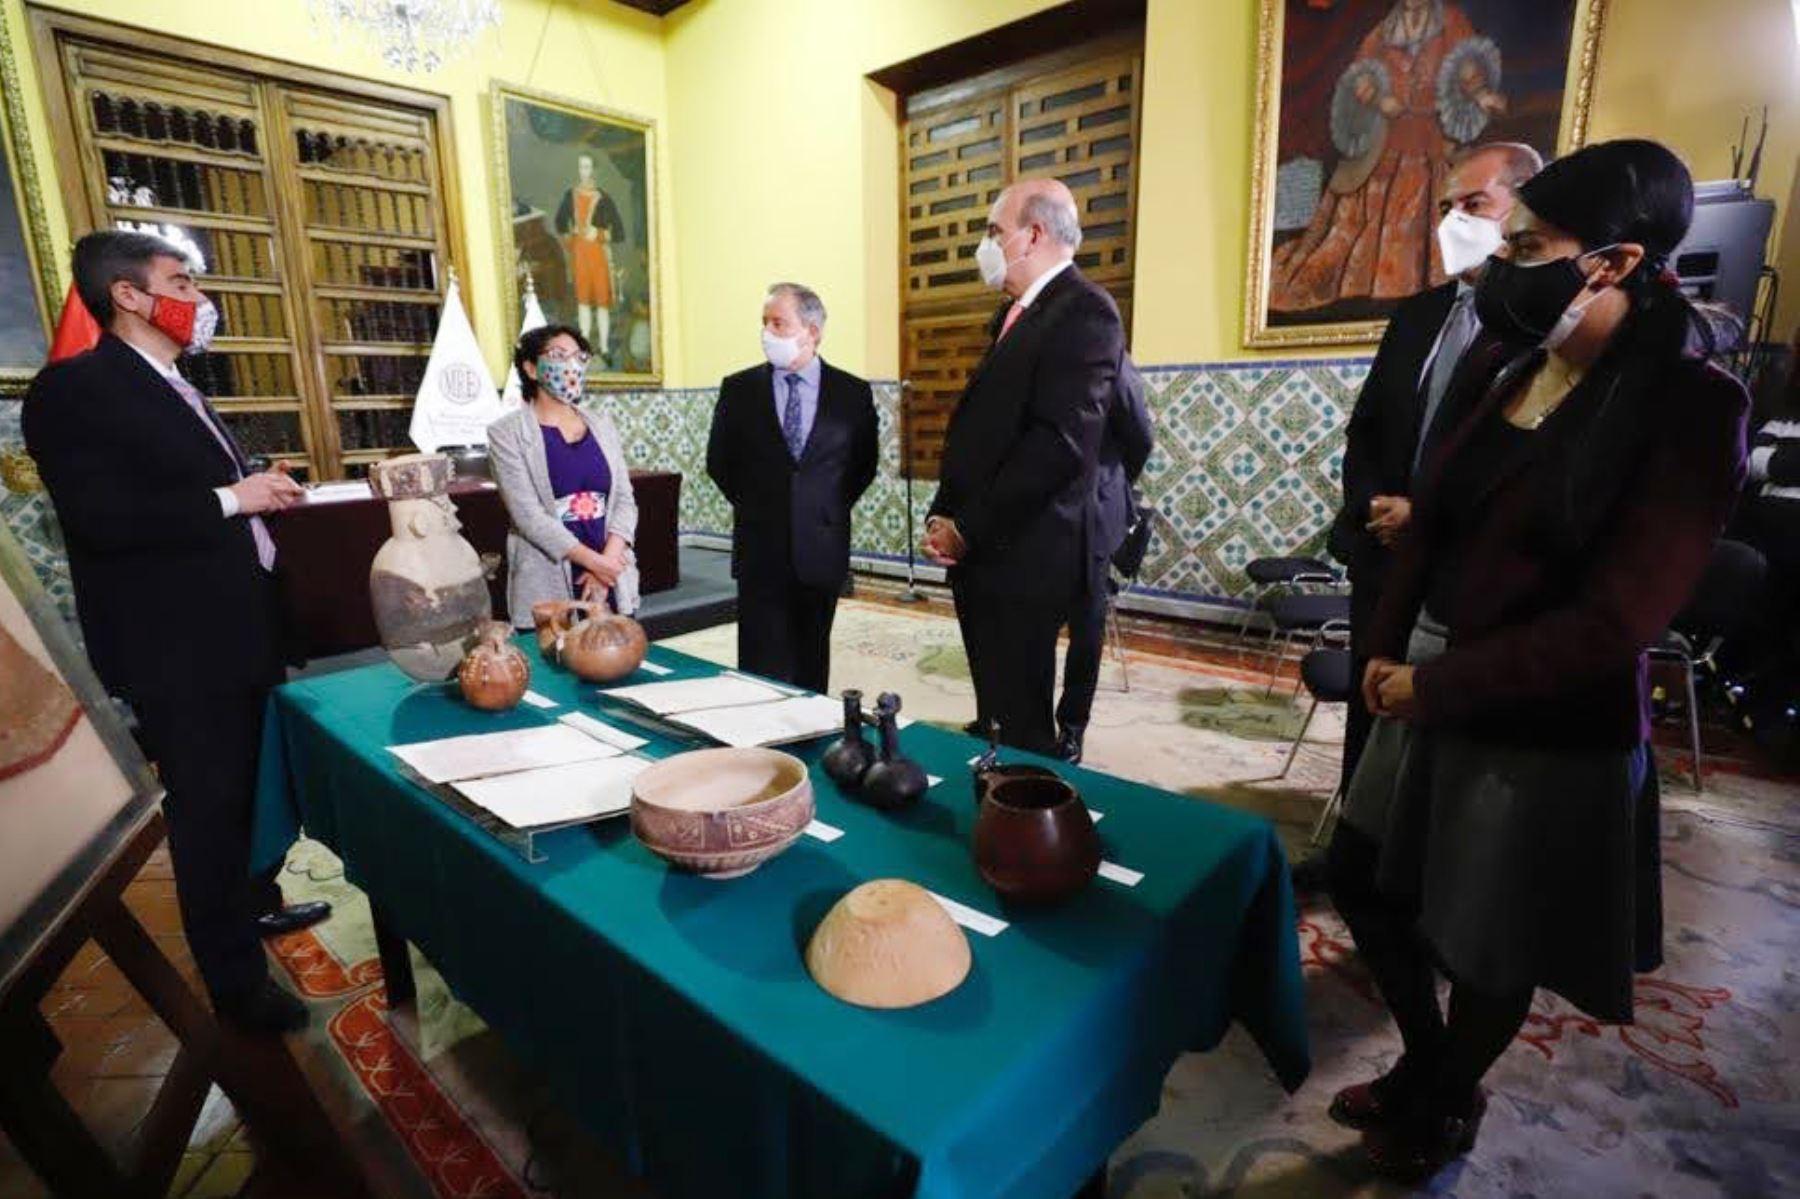 En la sede de la Cancilleria del Perú,  el canciller Mario López y el ministro de  Cultura, Alejandro Neyra, presiden la ceremonia de repatriación de 65 Bienes Culturales de Australia, España, Estados Unidos y Reino Unido. Foto: Ministerio de Cultura